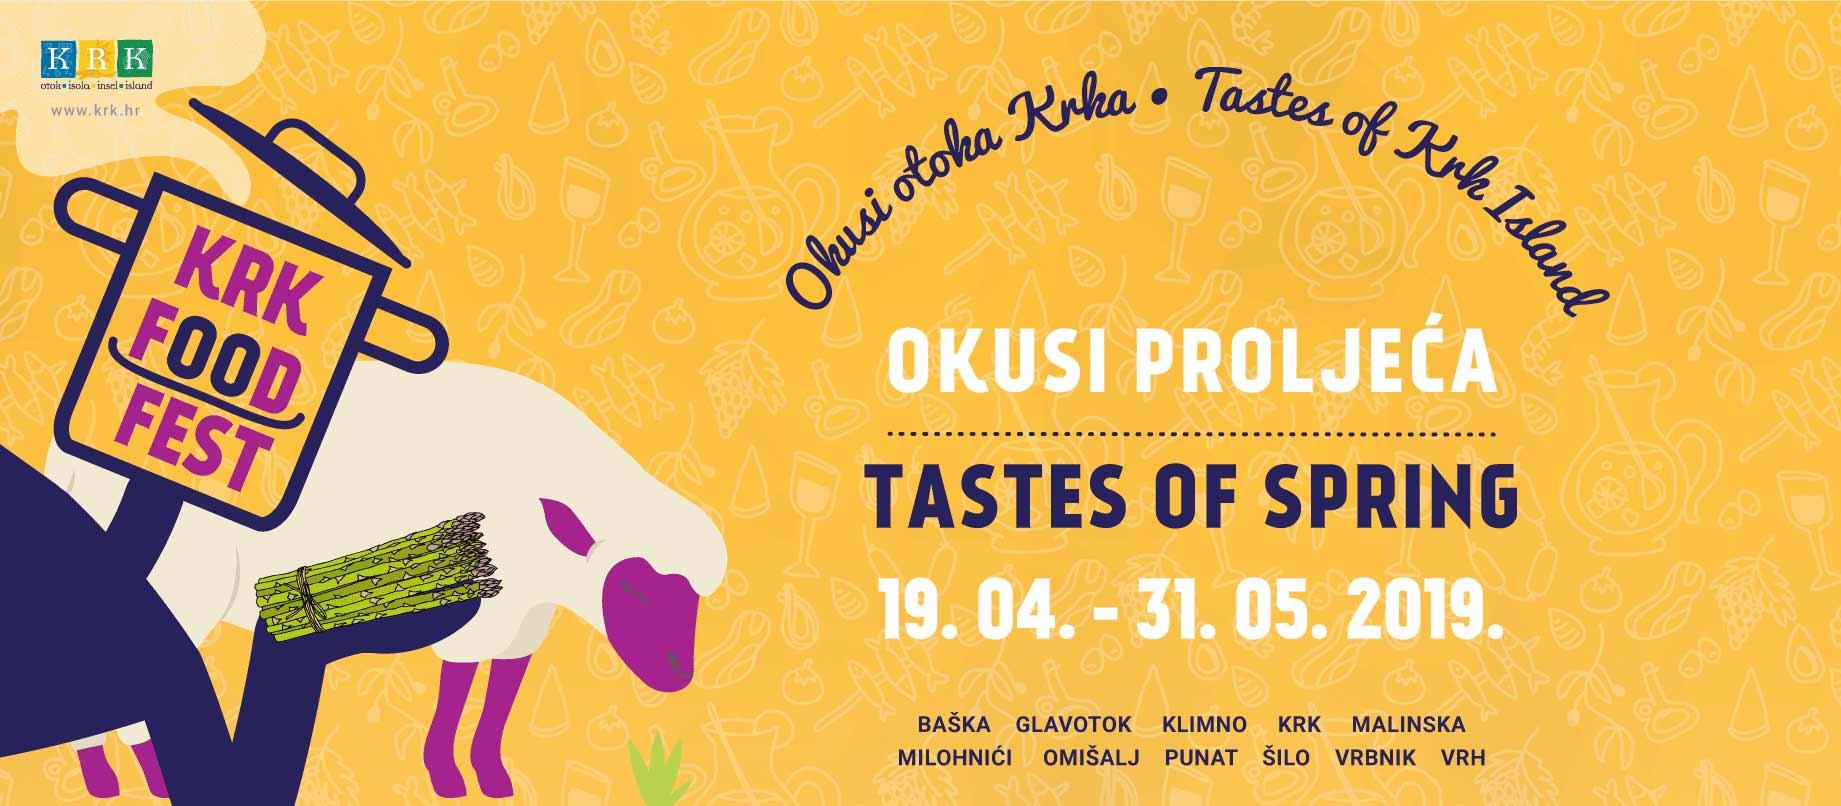 krk-food-fest-okusi-proljeca_2019-04_zaglavlje.jpg